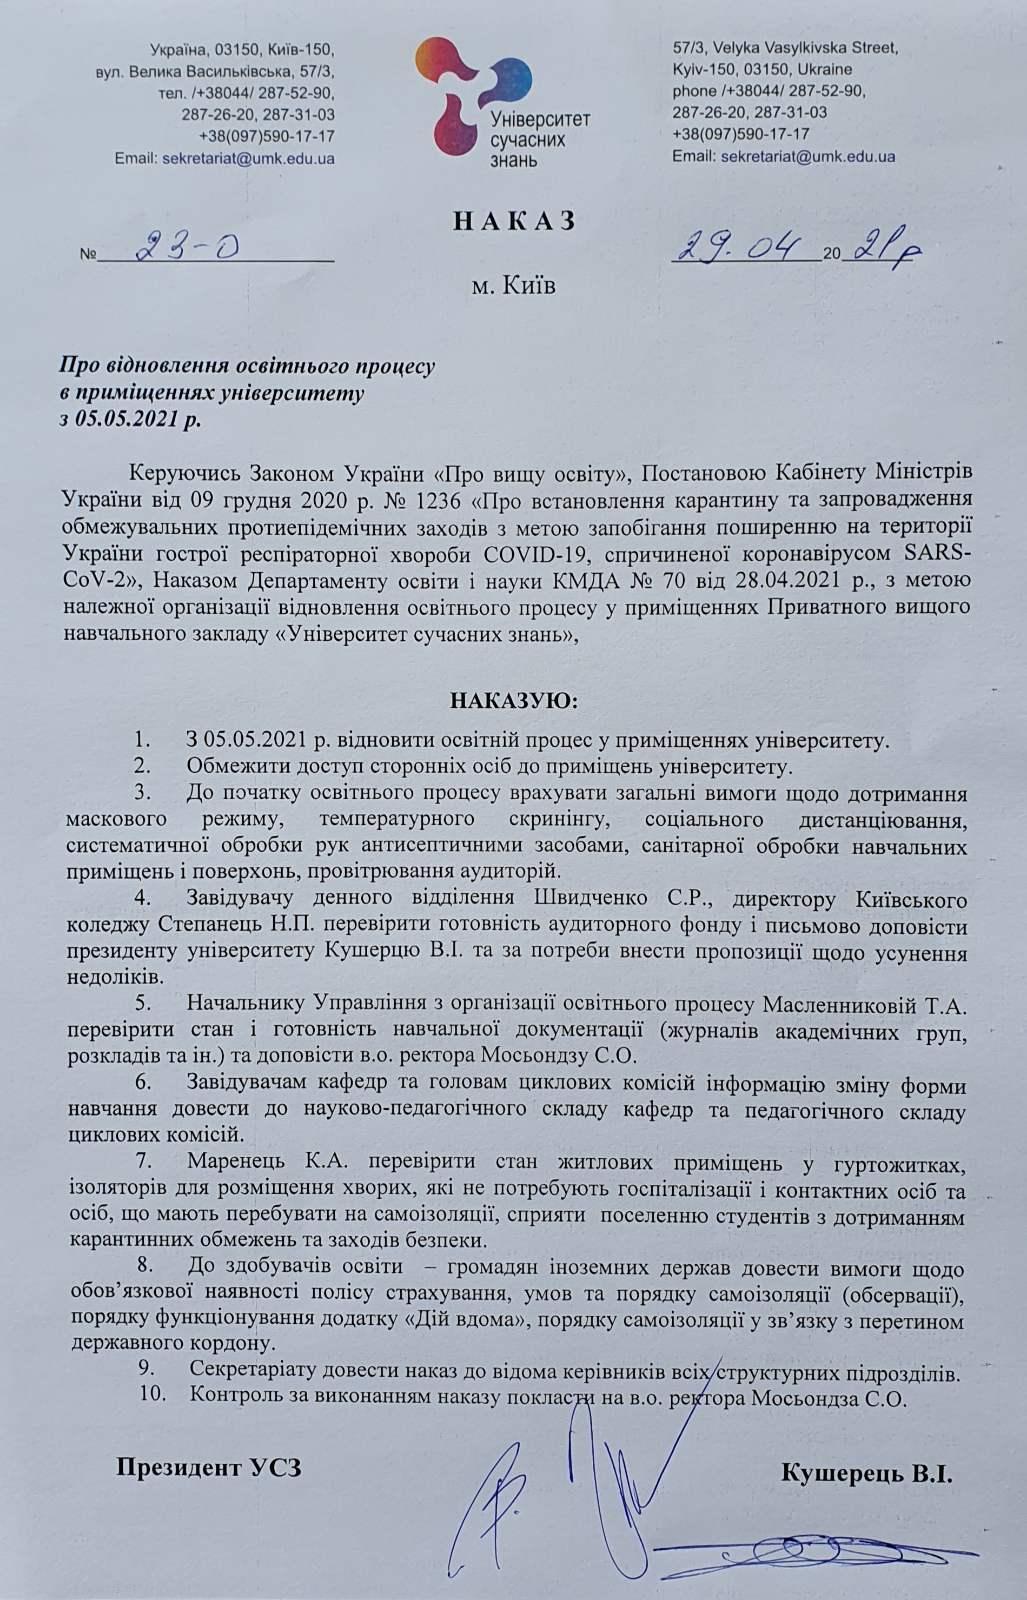 Наказ про відновлення освітнього процесу в приміщеннях університету з 5.05.2021